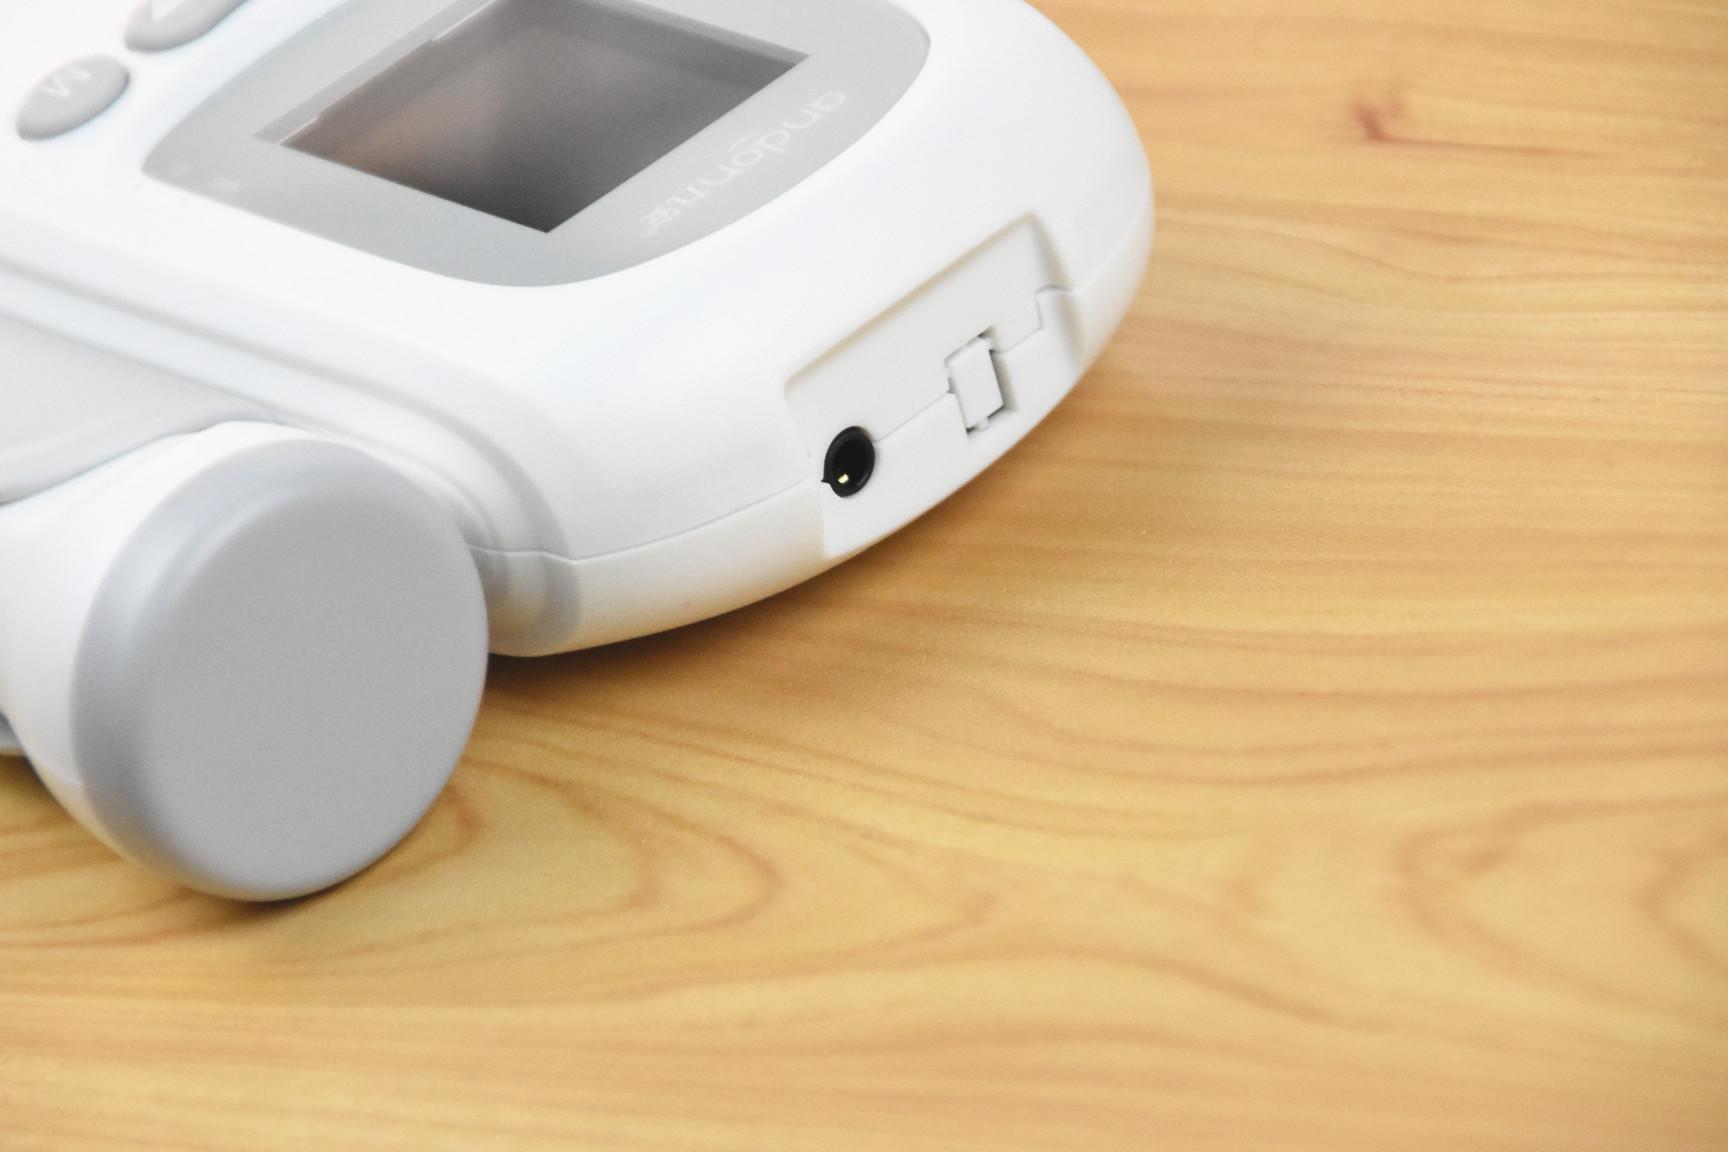 小米首胎心仪,不用去医院在家就能测胎儿心率,仅售199元图片